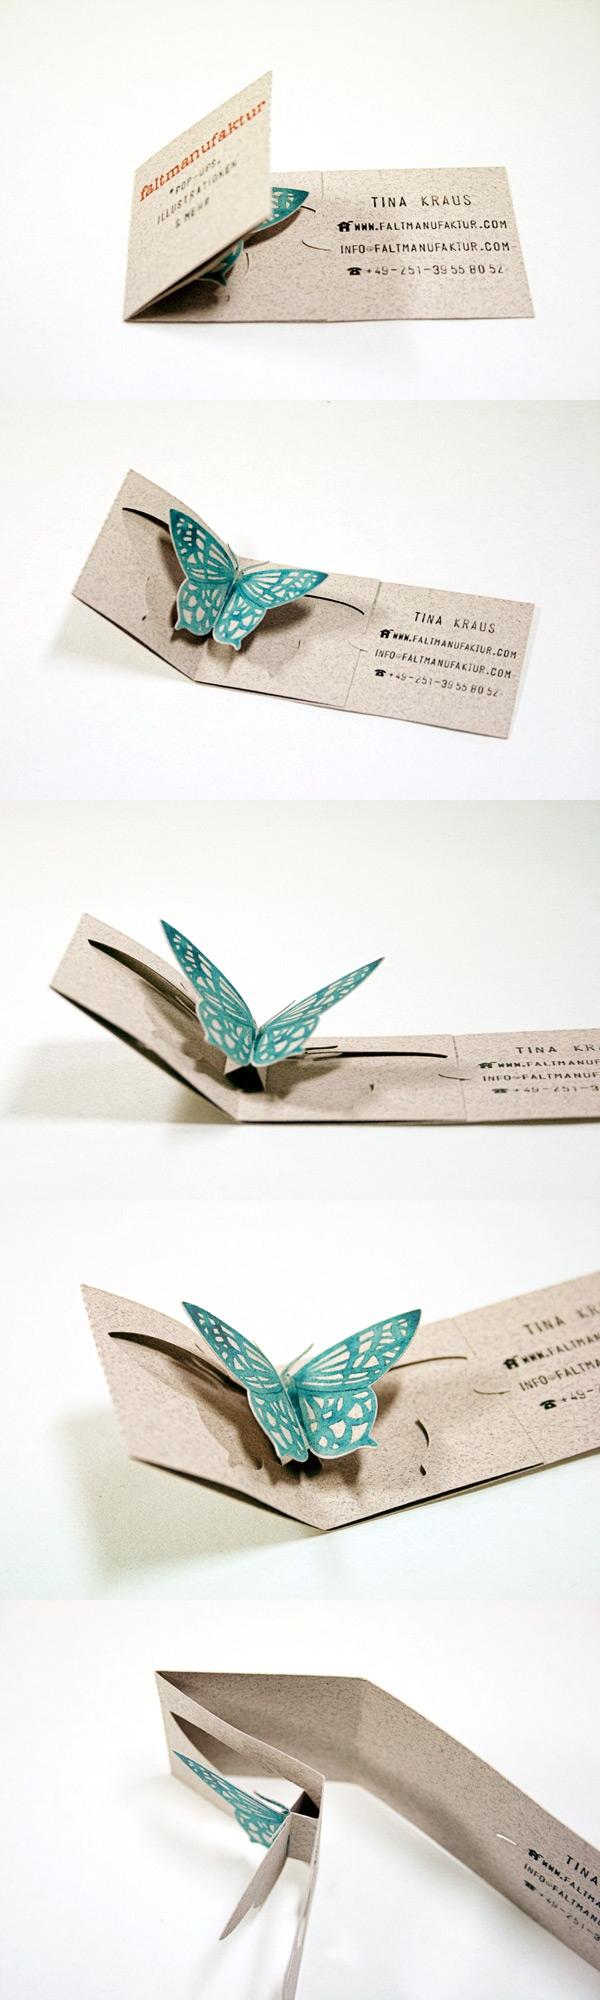 Unique Folding Business Card | Faltmanufaktur | Creative Business ...